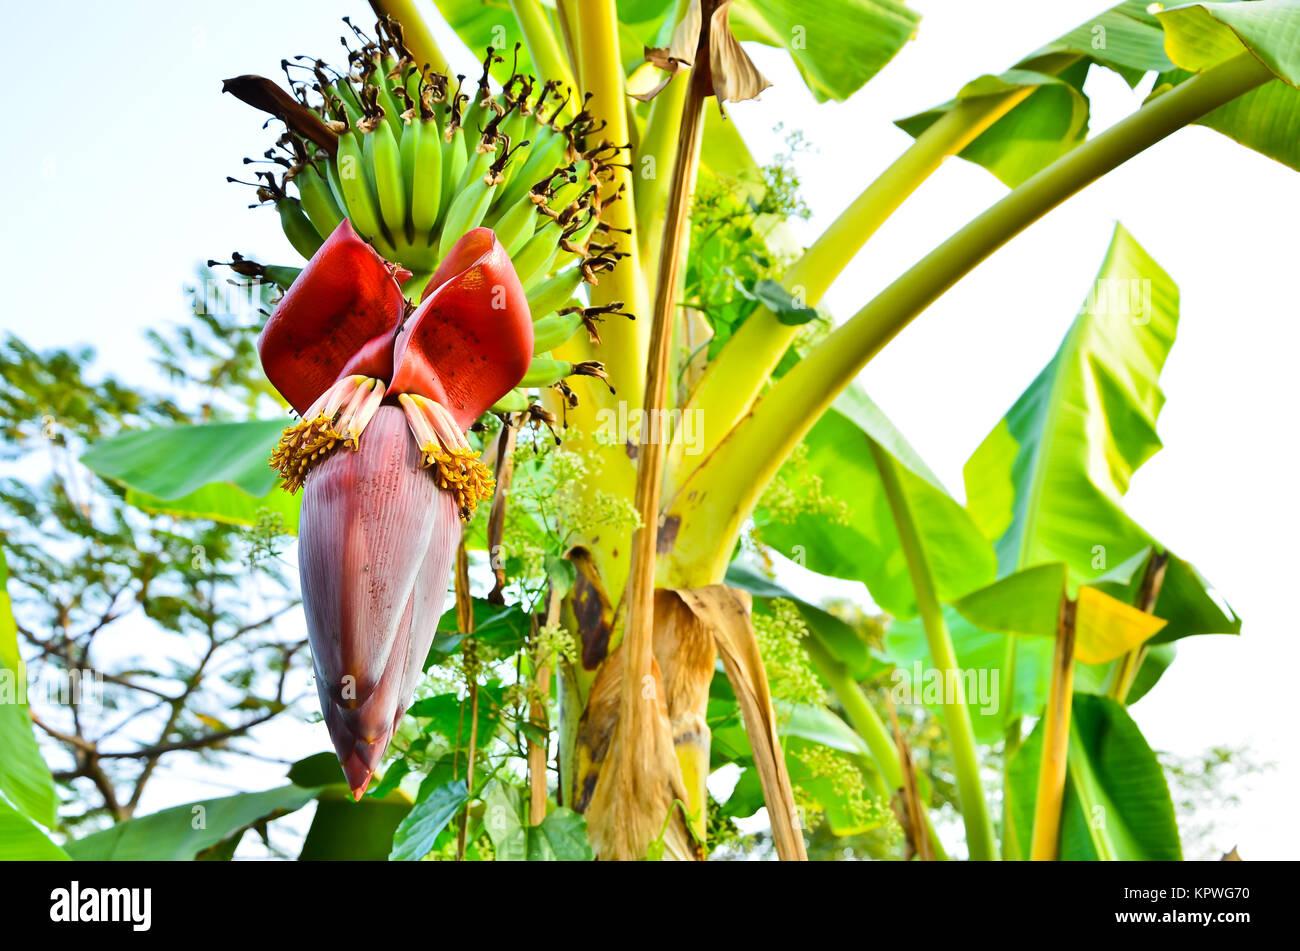 Flor De Banano En El Jardín Tailandia Fotografía De Stock Alamy